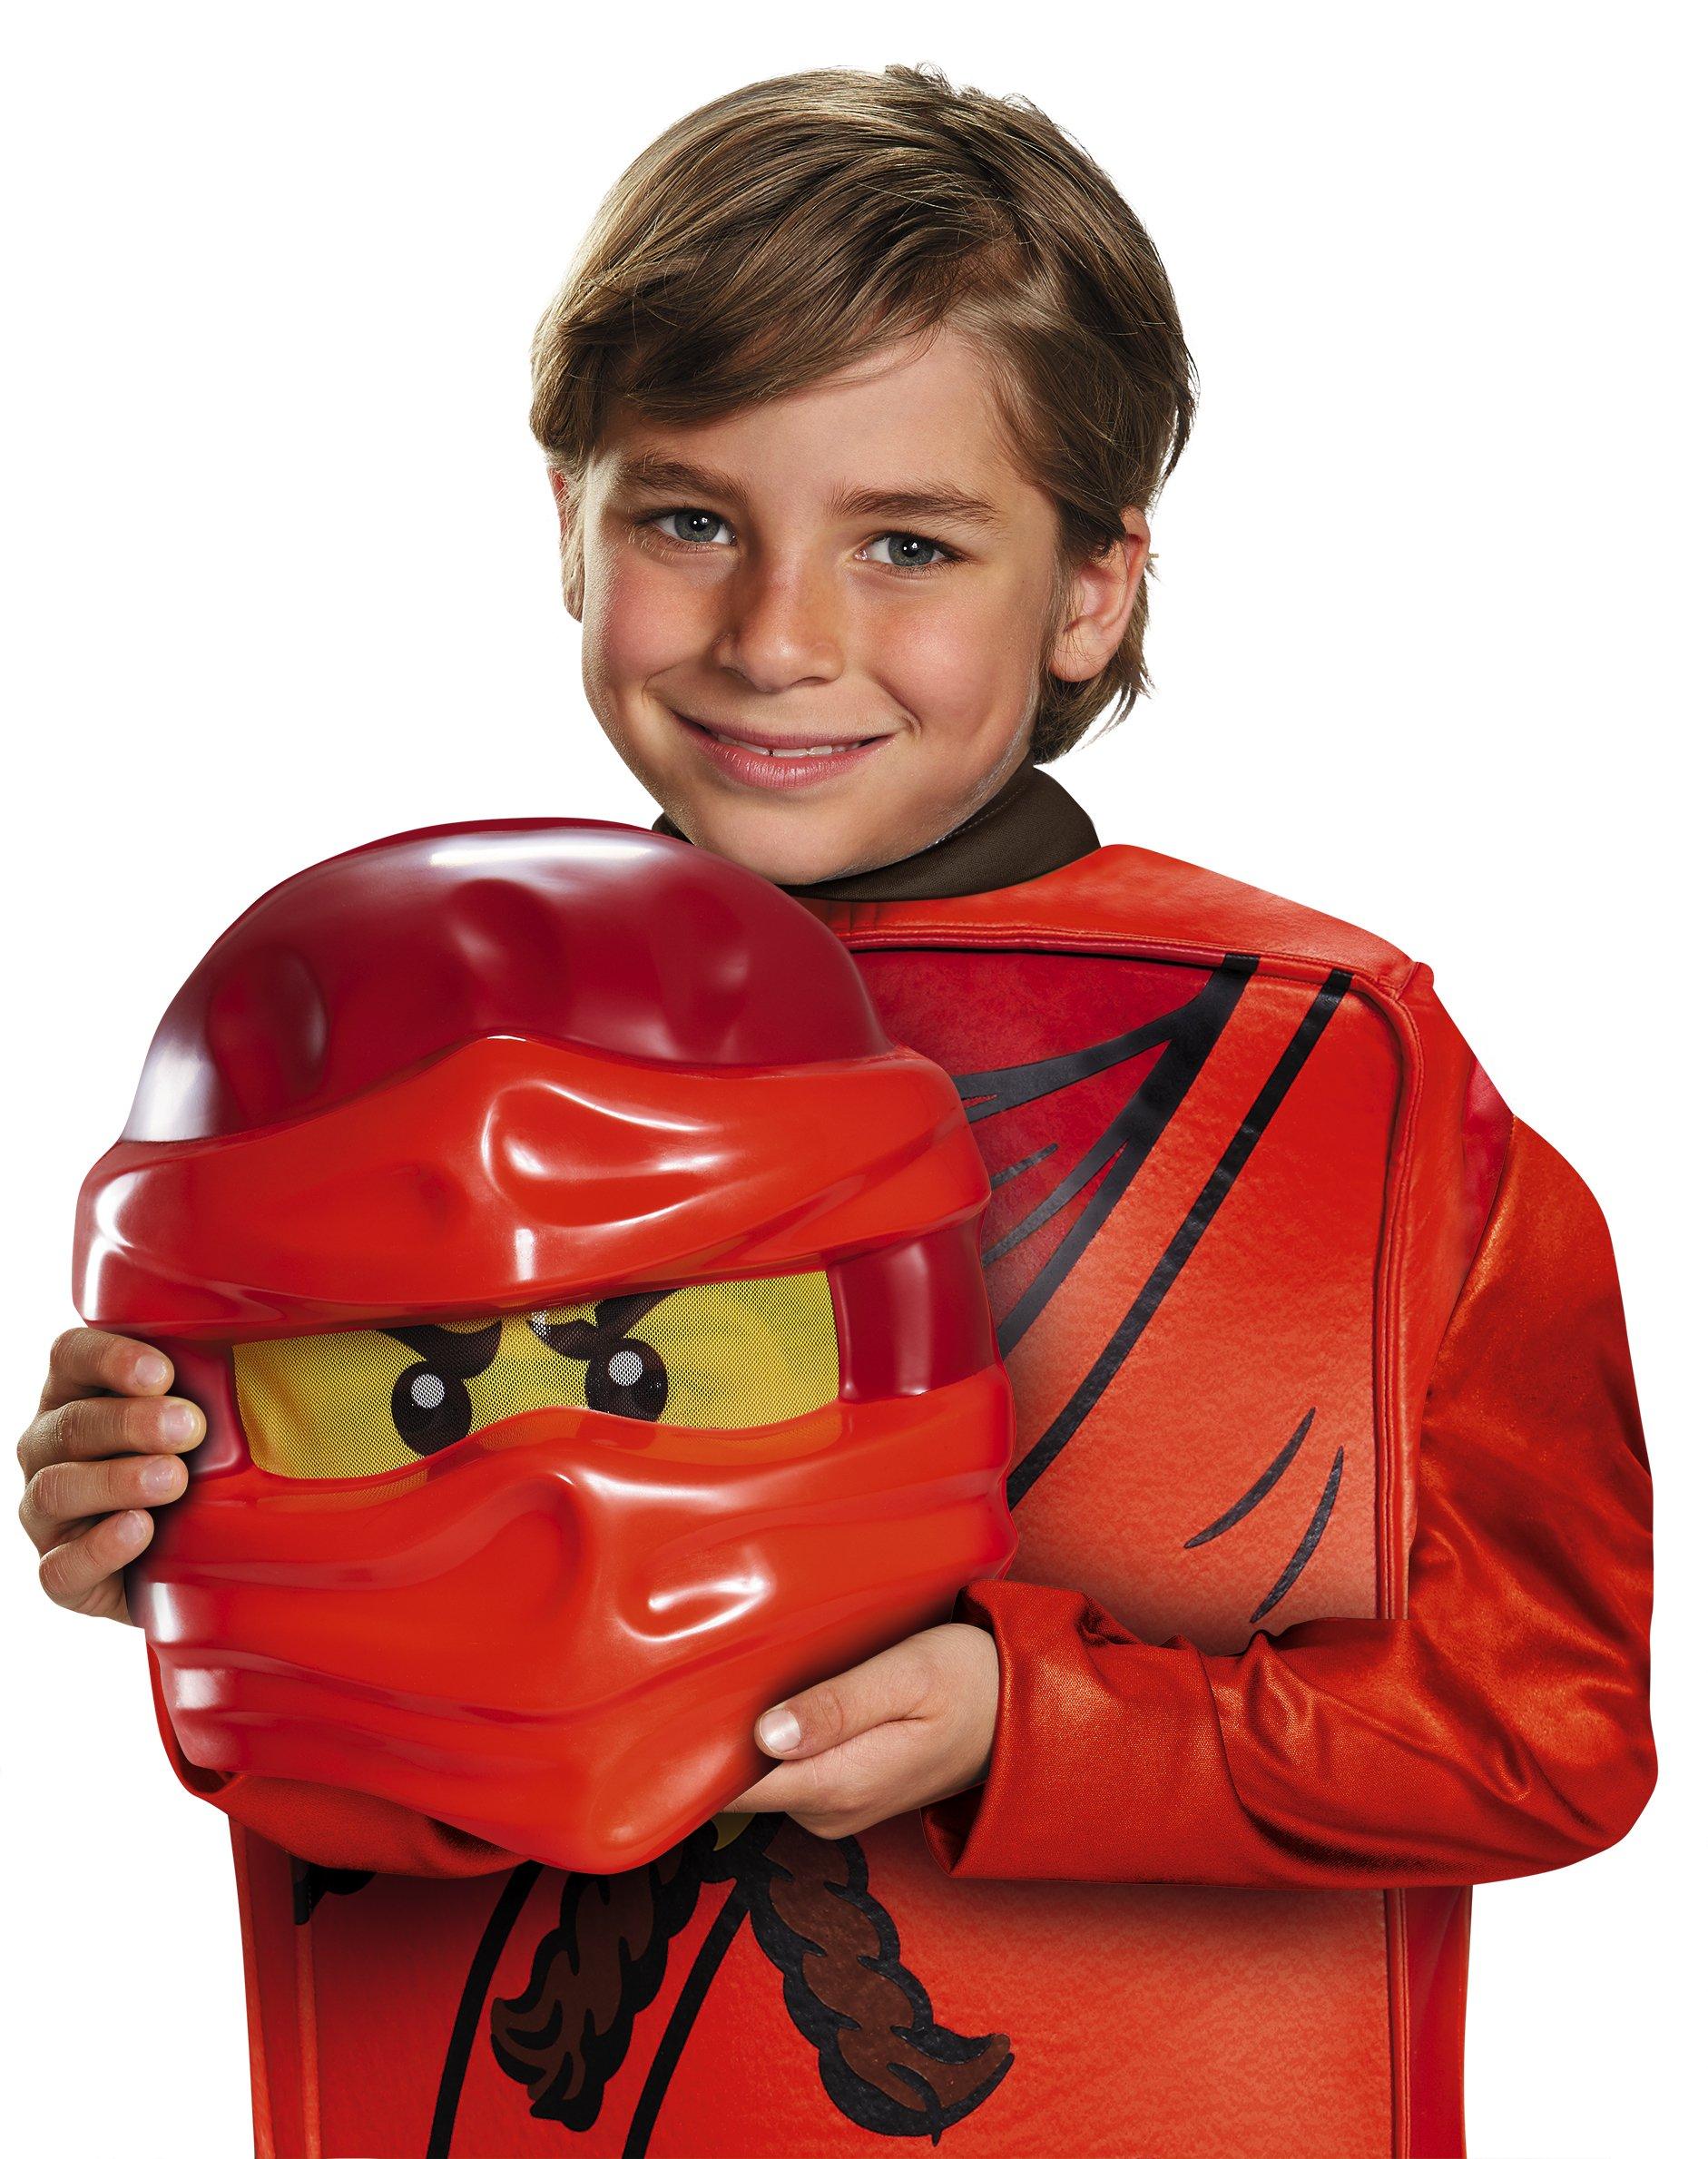 Lego Costume da Ninjago Kai, per Bambini, Taglia S, Gamma Deluxe, età 4–6Anni, Altezza ca. 120 cm -125 cm 4 spesavip